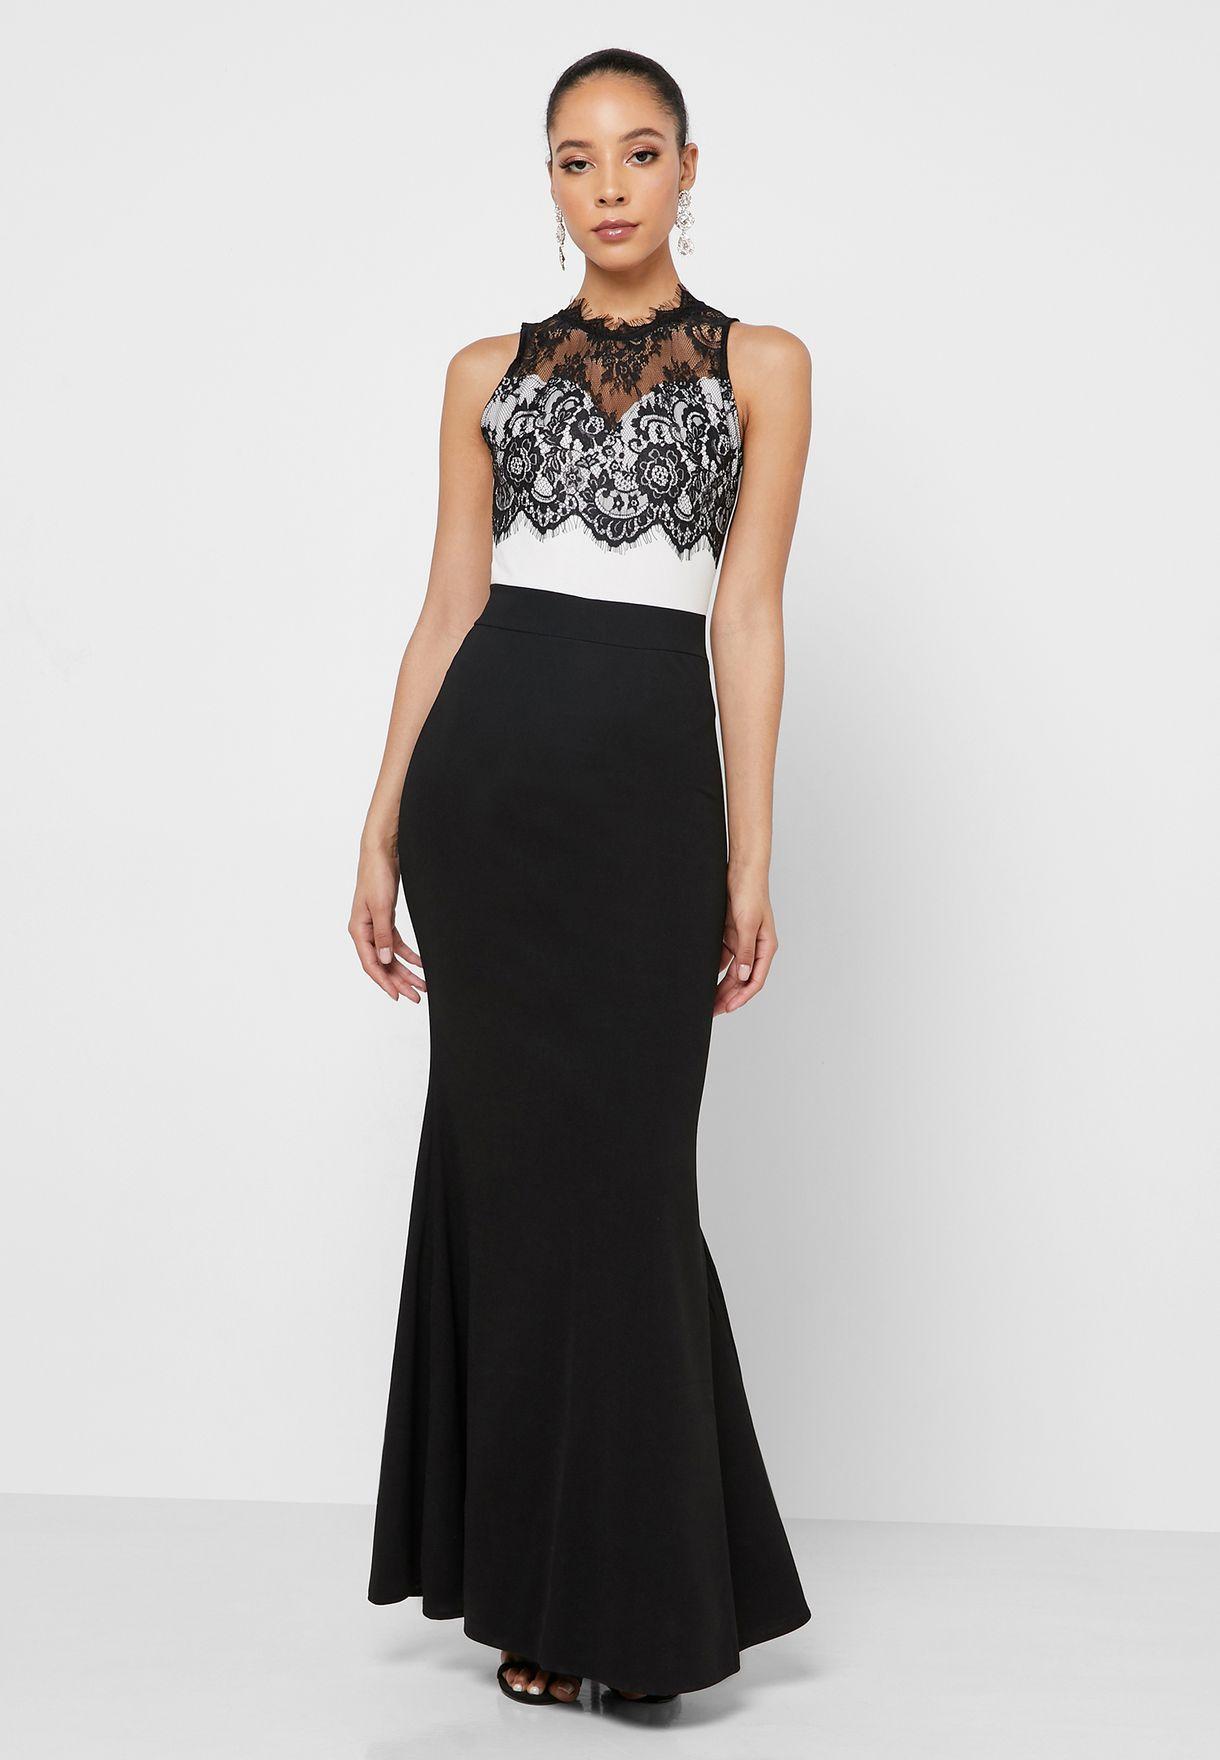 Lace Top Colourblock Maxi Dress